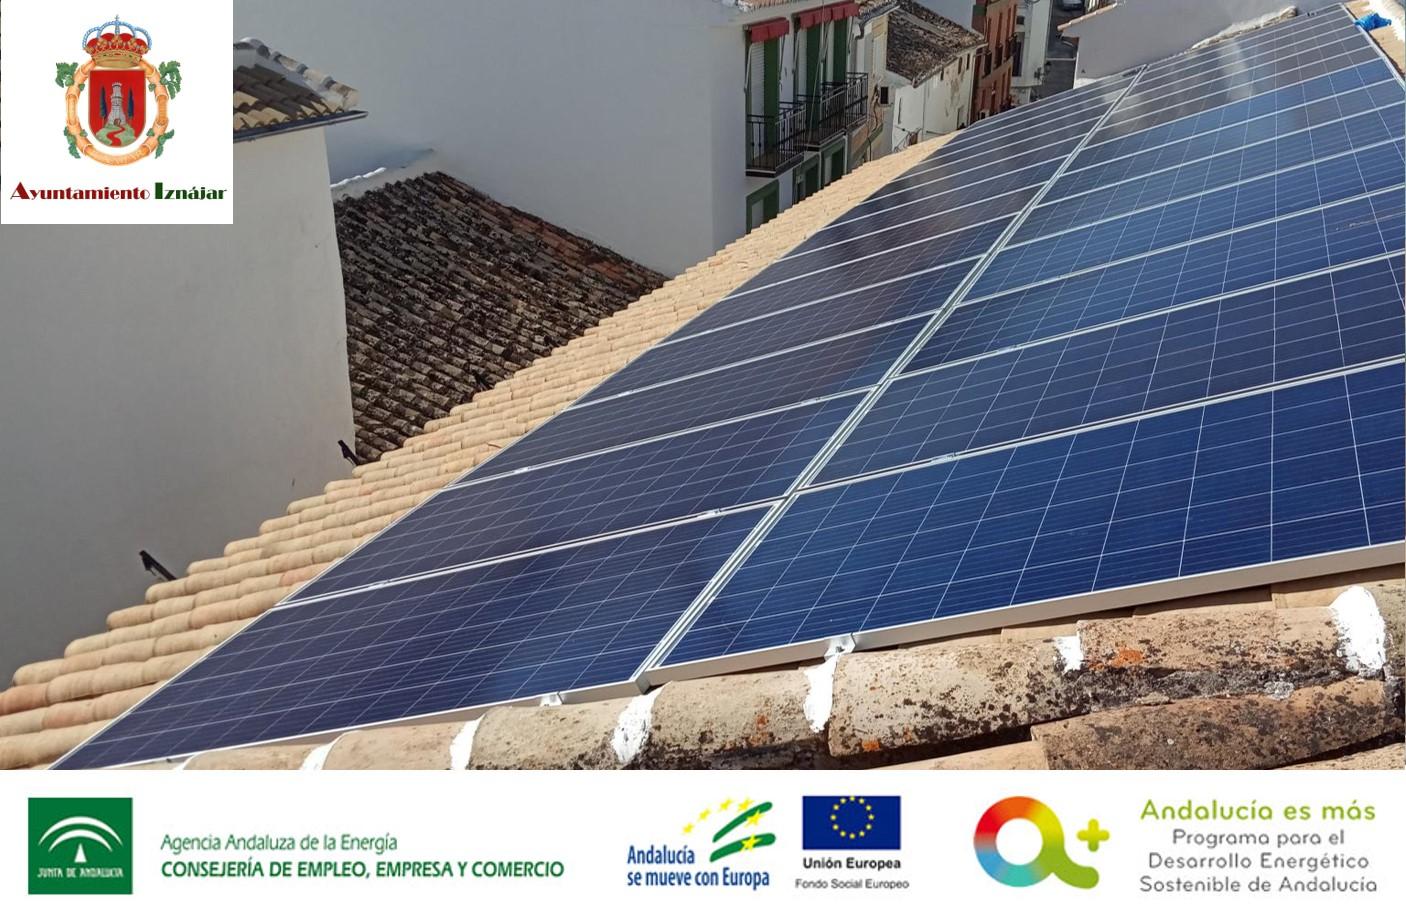 Subvención instalaciones de energía solar fotovoltaica para el Ayuntamiento de Iznájar